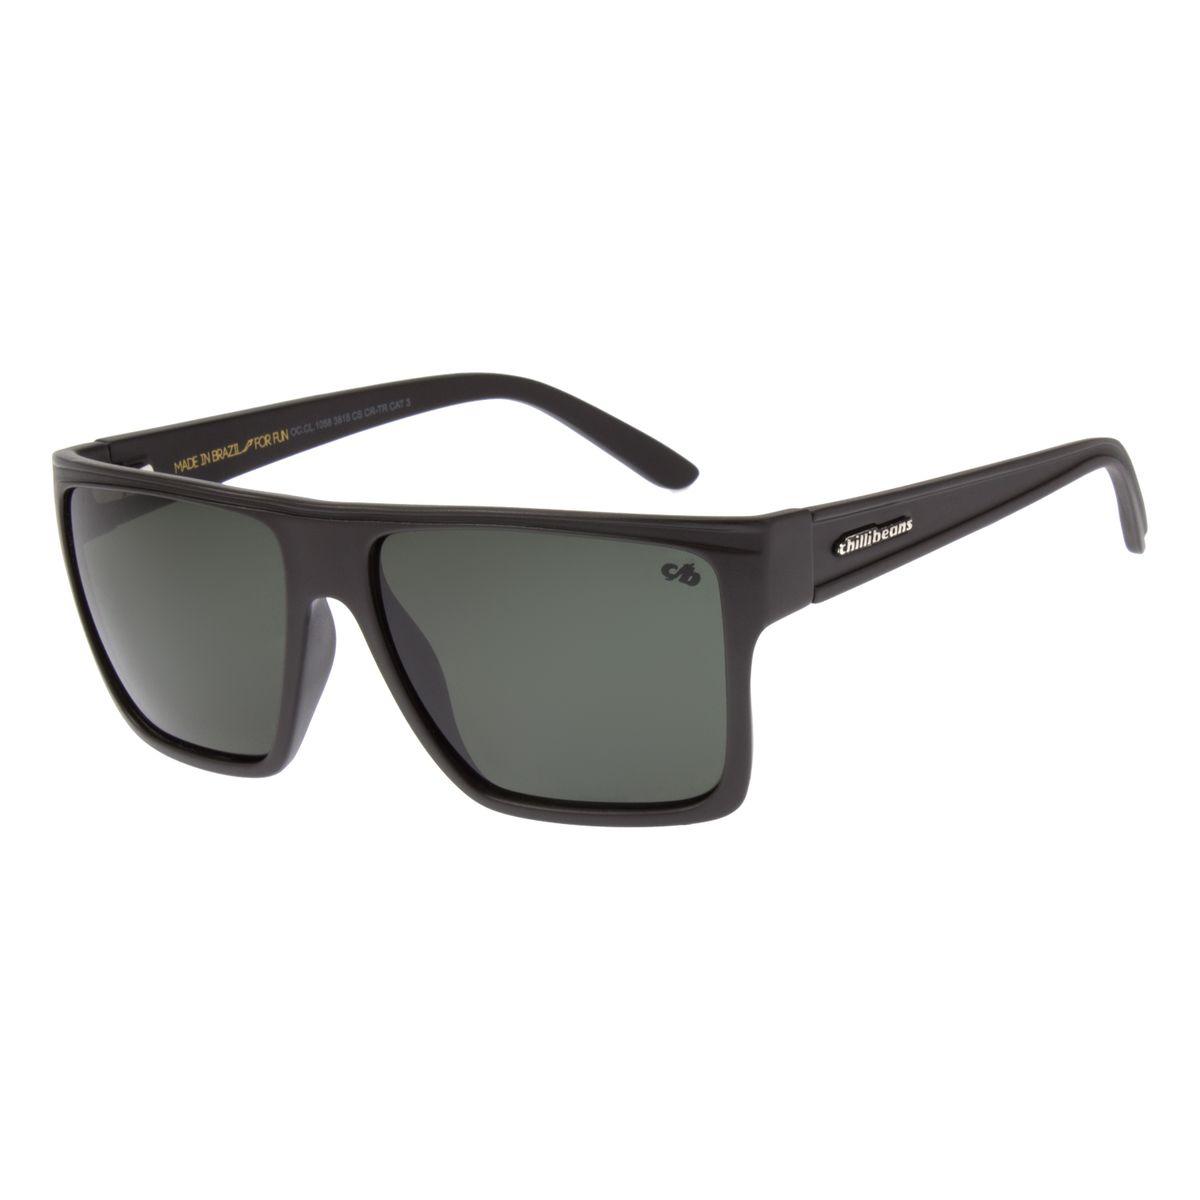 9a422e99c Óculos de Sol Unissex Chilli Beans Verde 1058 - Chilli Beans